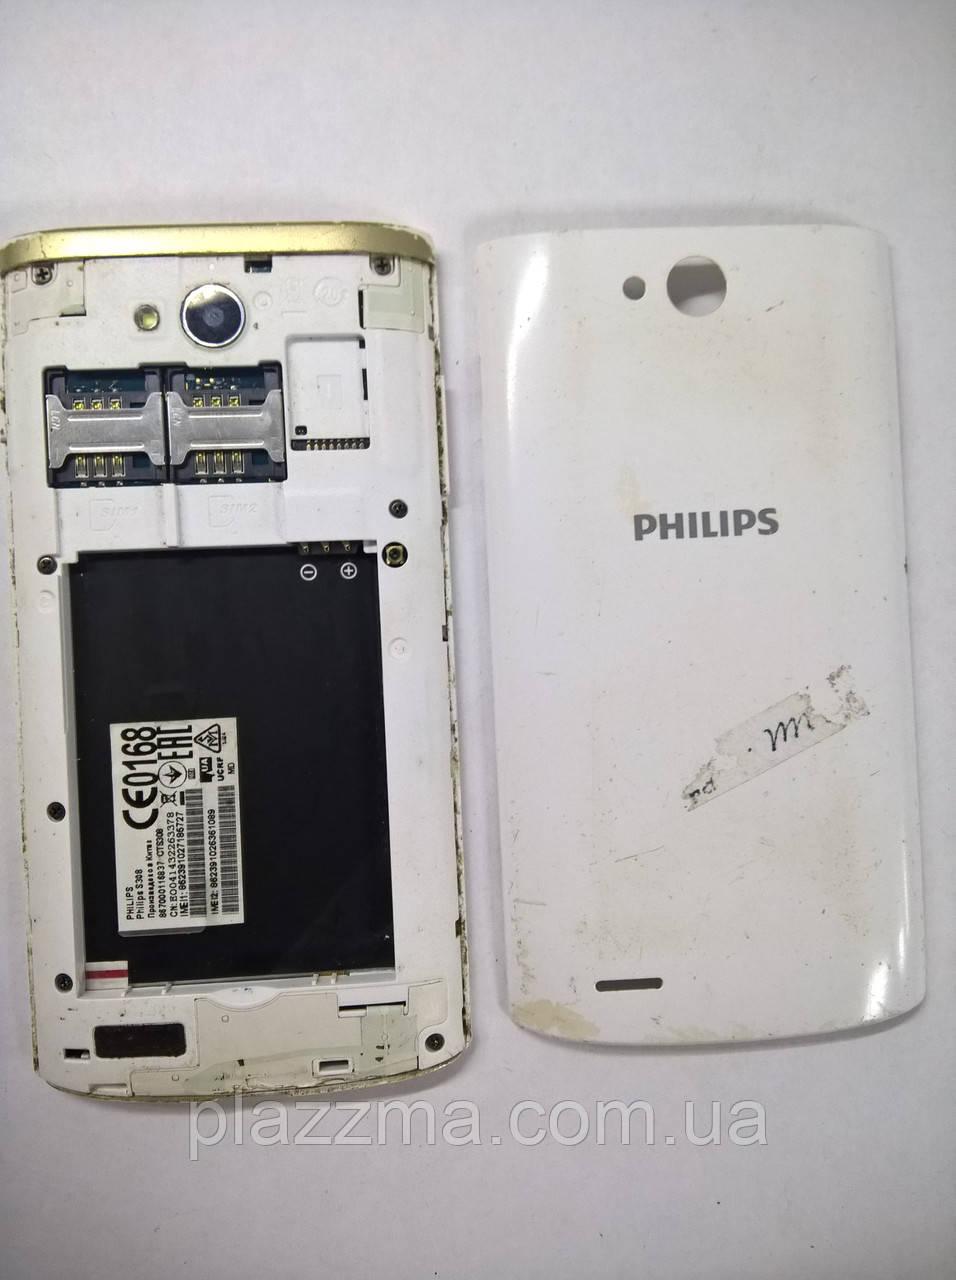 Смартфон Philips s308 Разборка